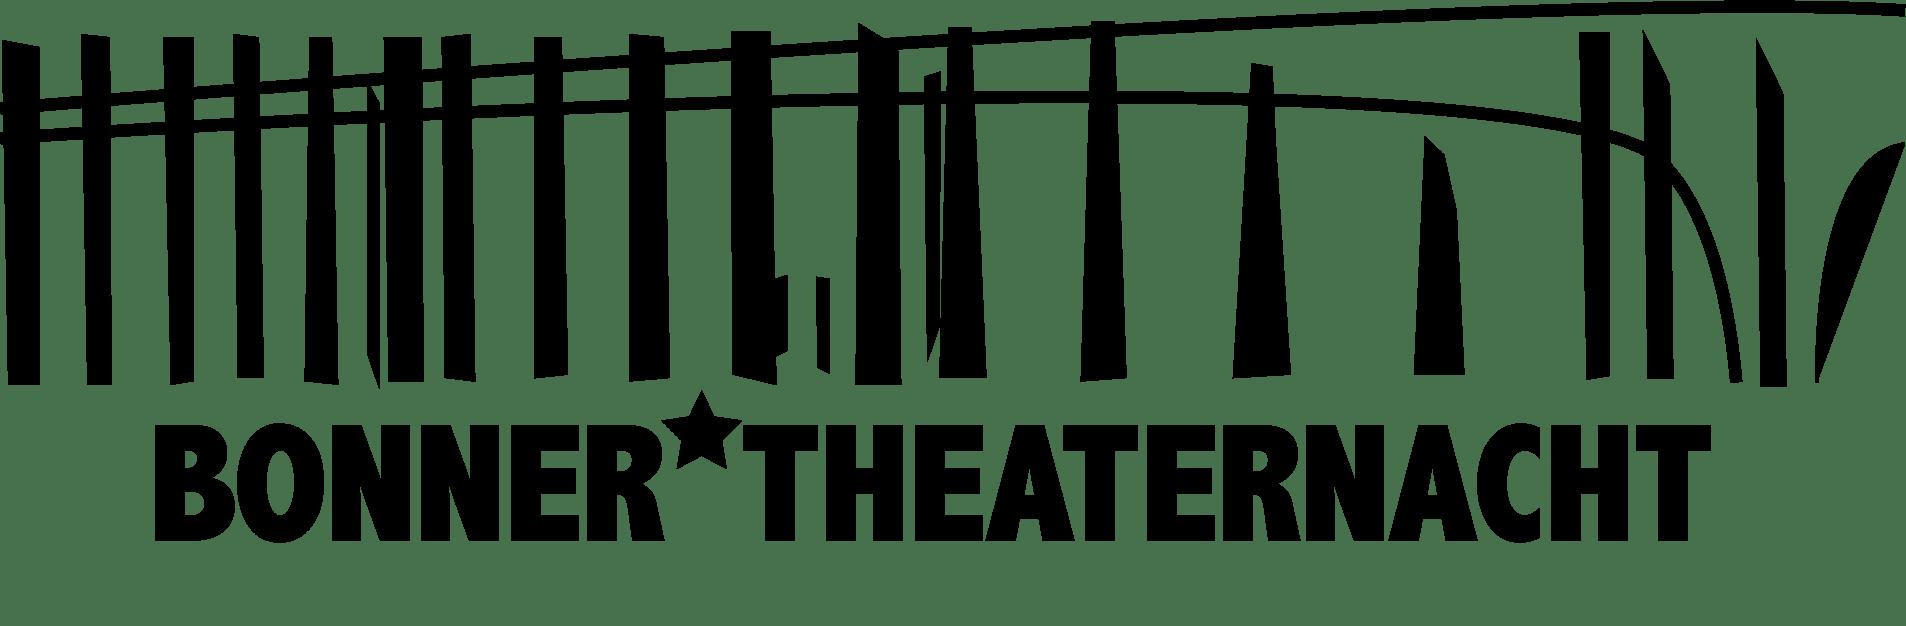 Bonner Theaternacht